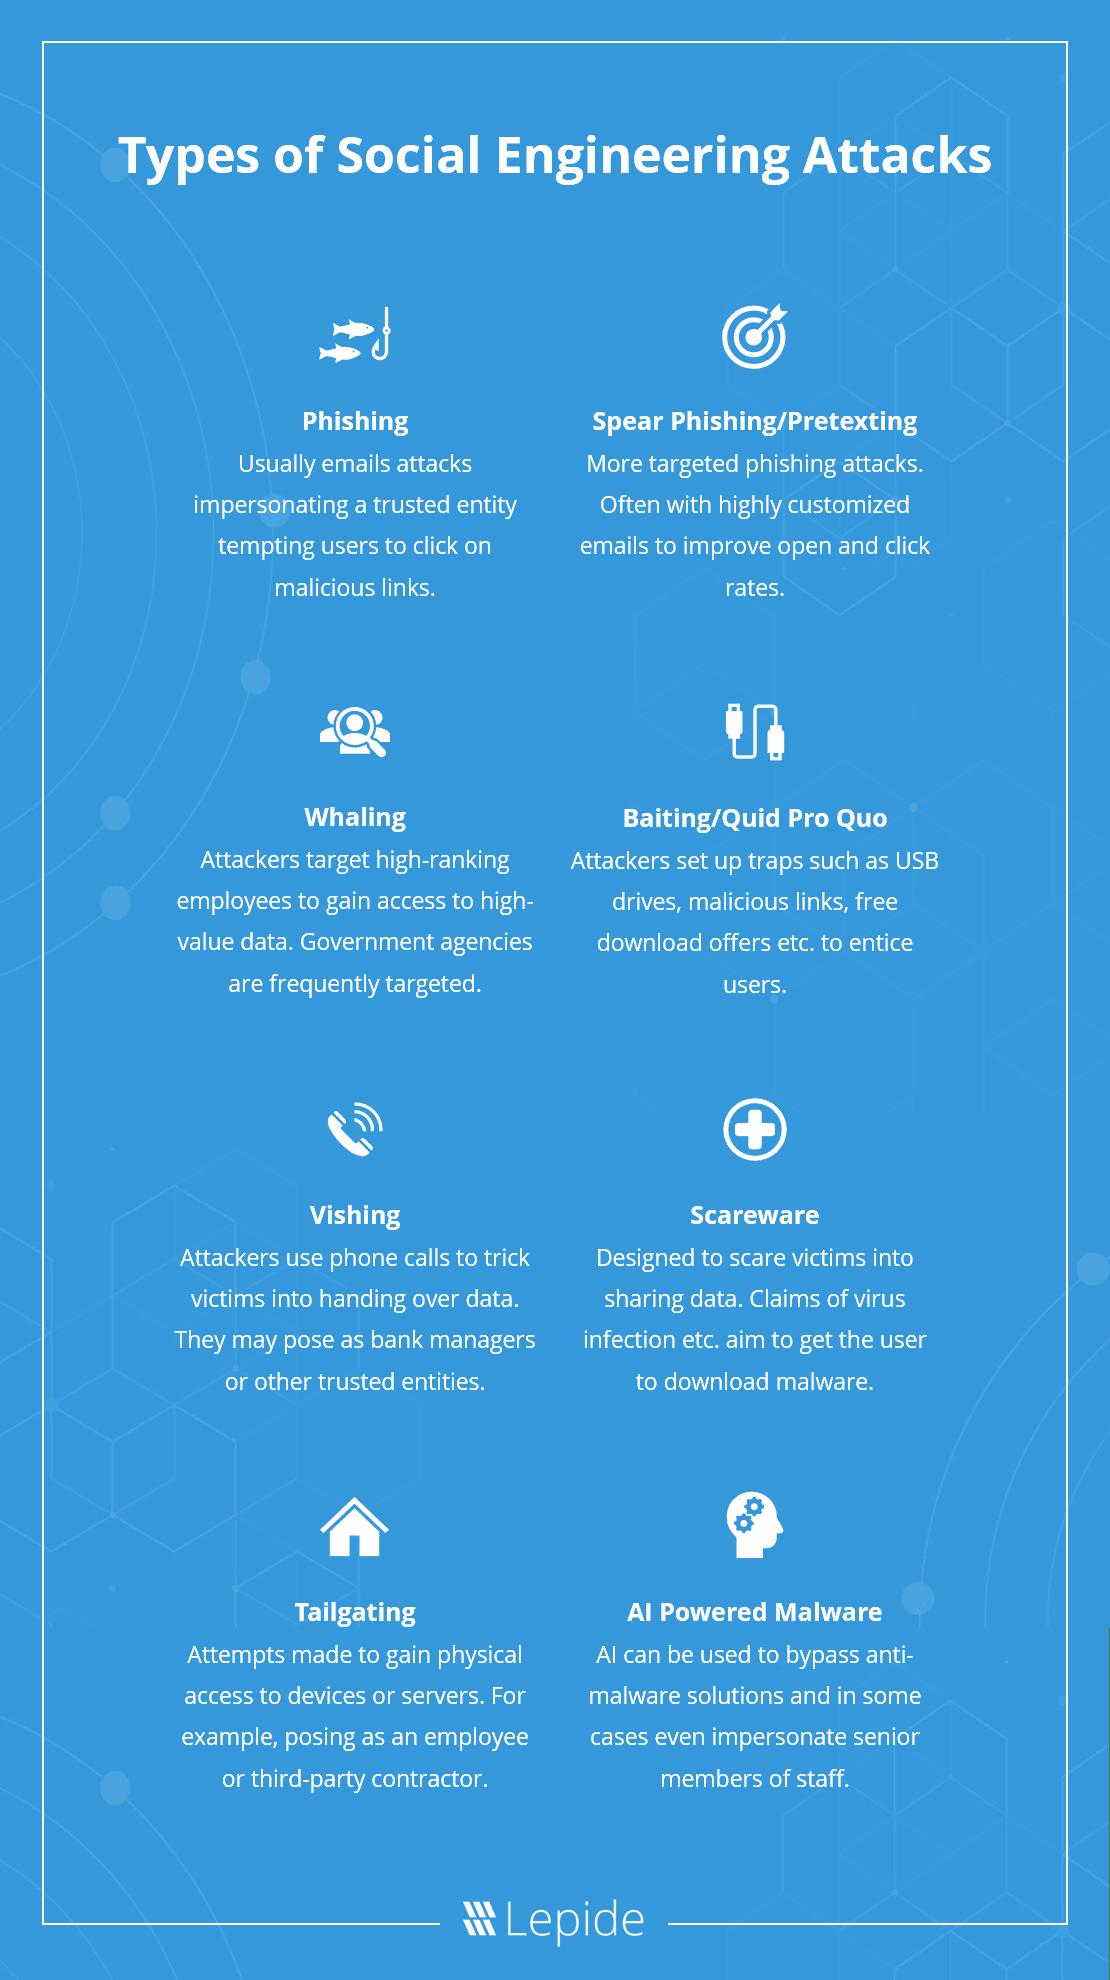 Types of Social Engineering Attacks